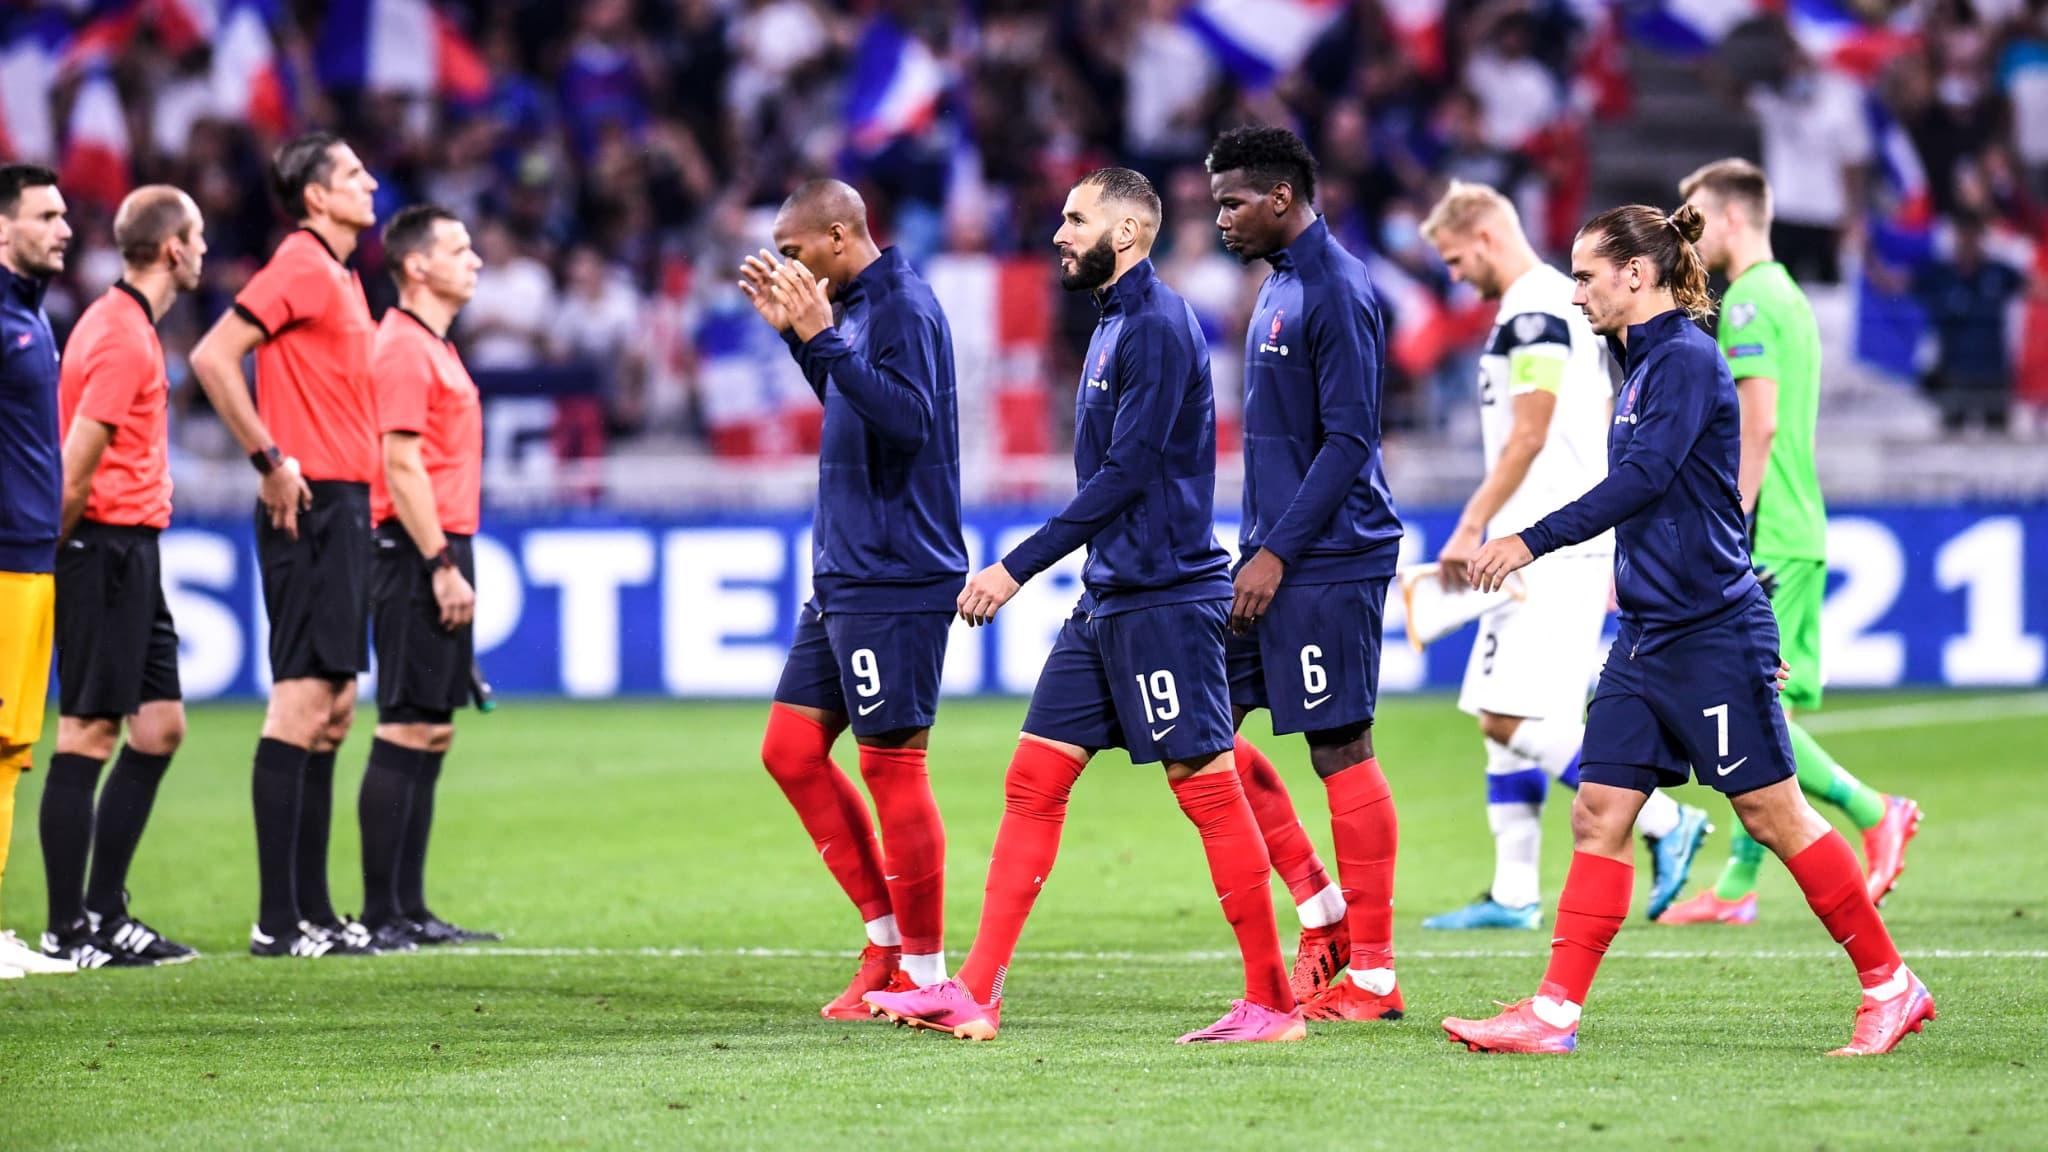 banderole, ovation… Benzema chaleureusement accueilli par le public lyonnais